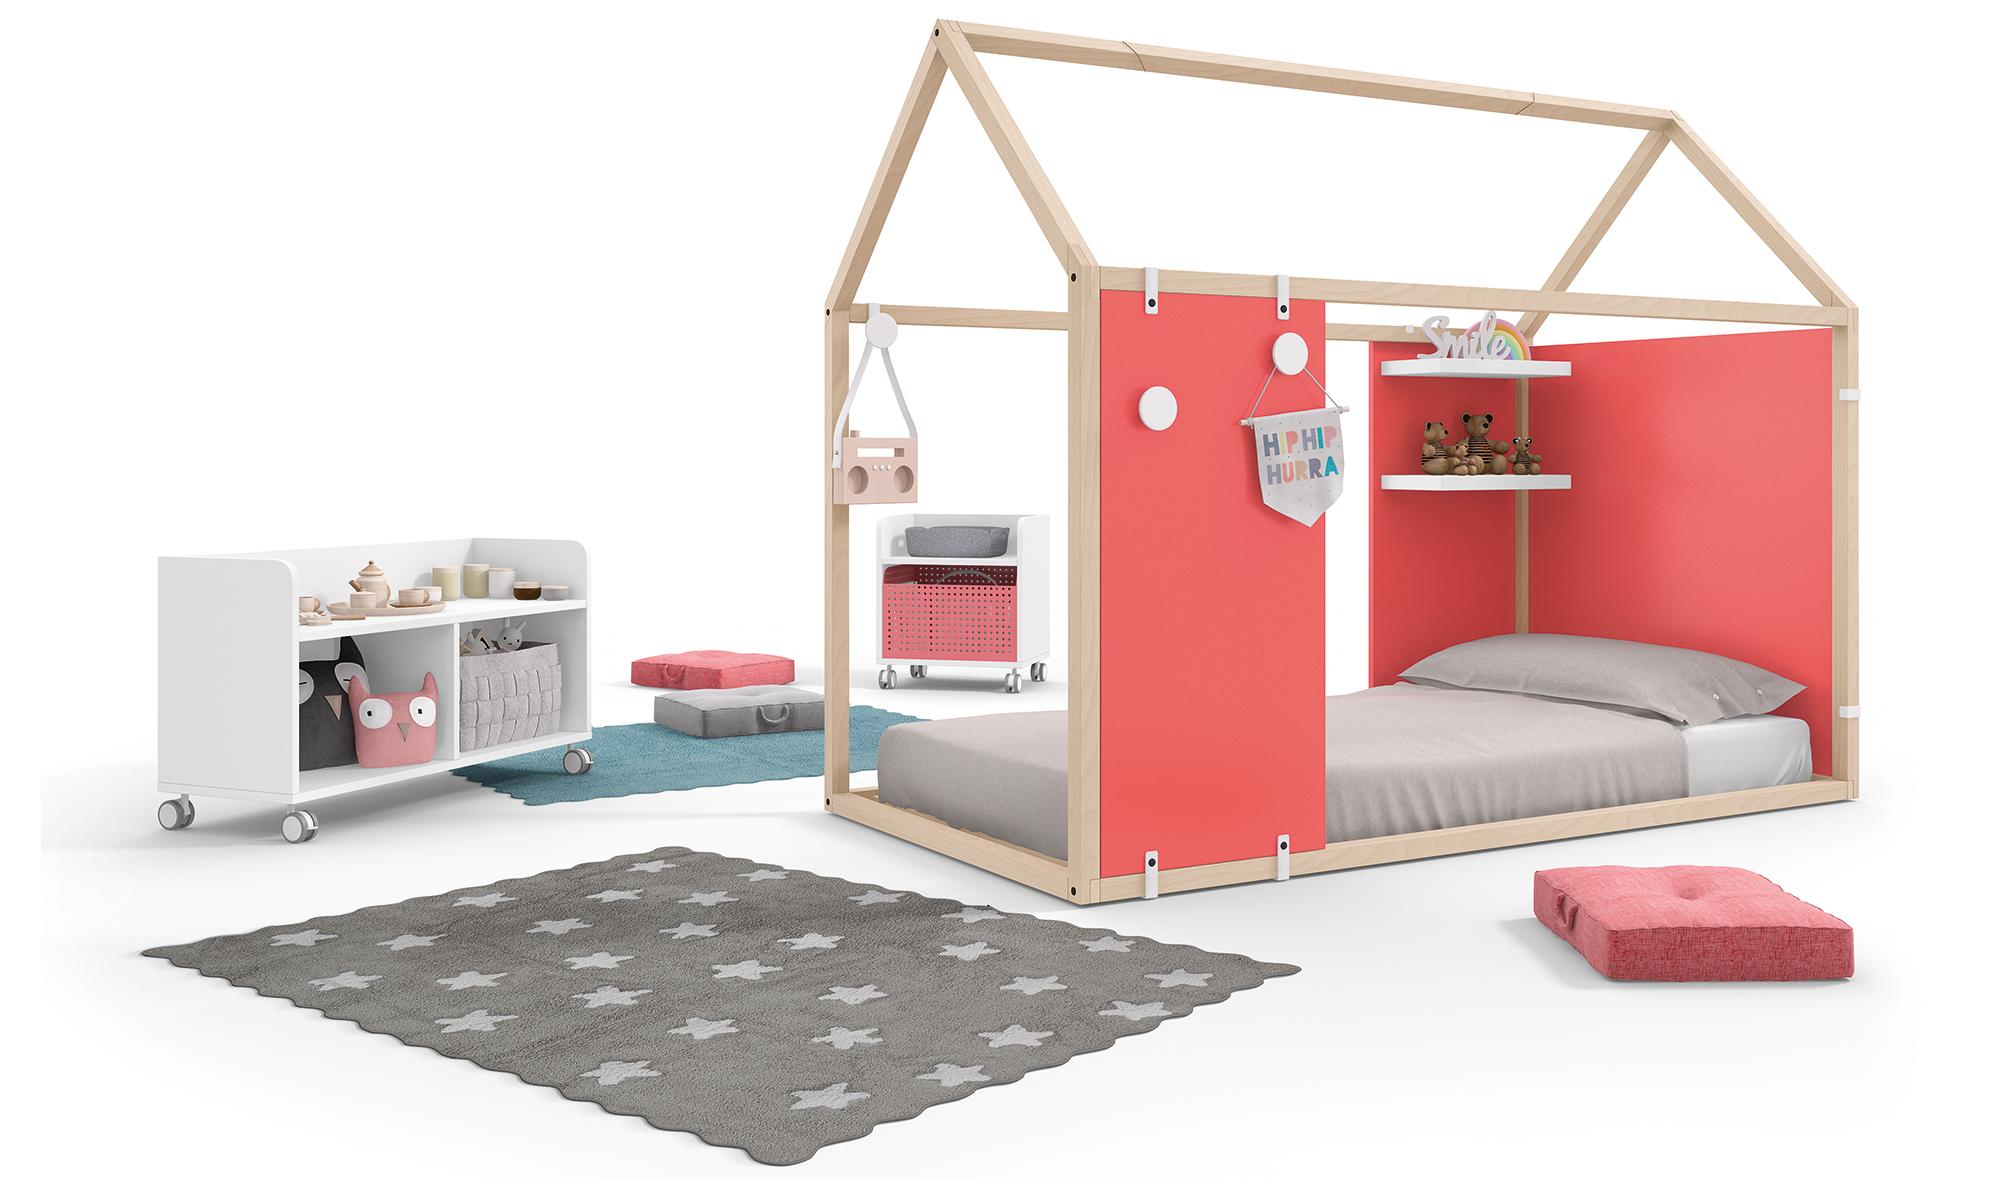 El Método Montessori en la Habitación Infantil